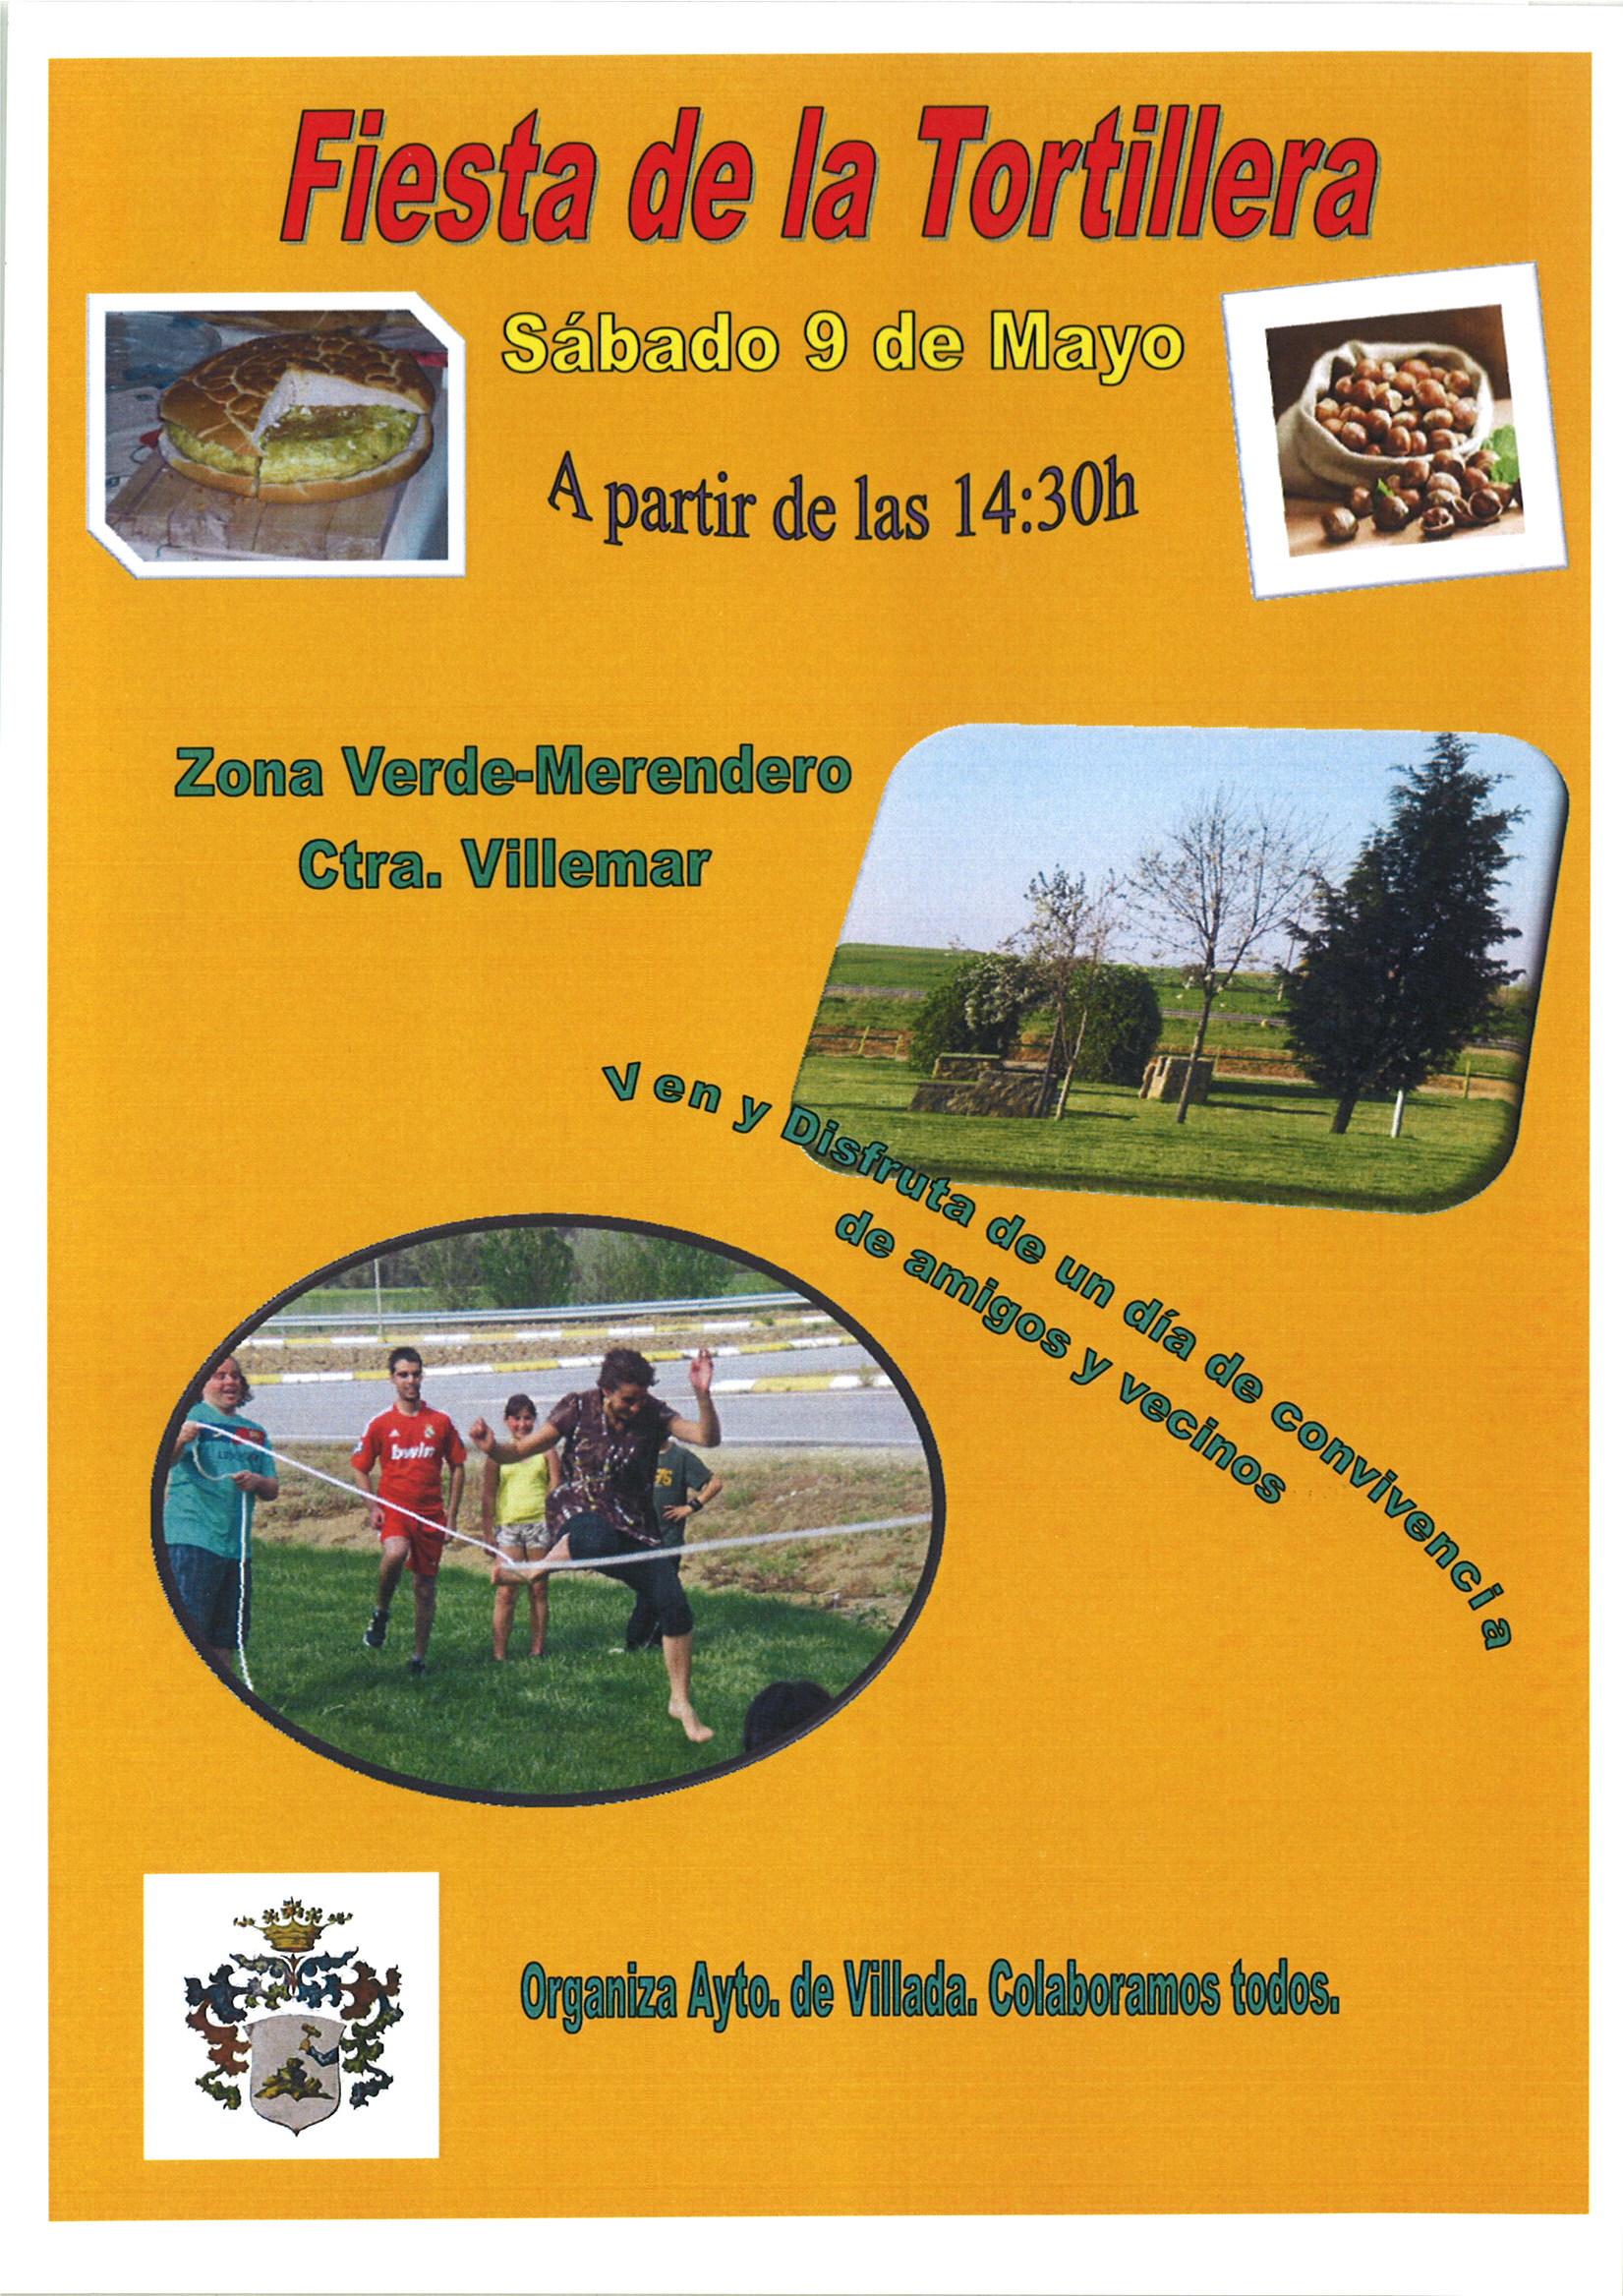 Fiesta de la Tortillera 2015. Día 9 de Mayo